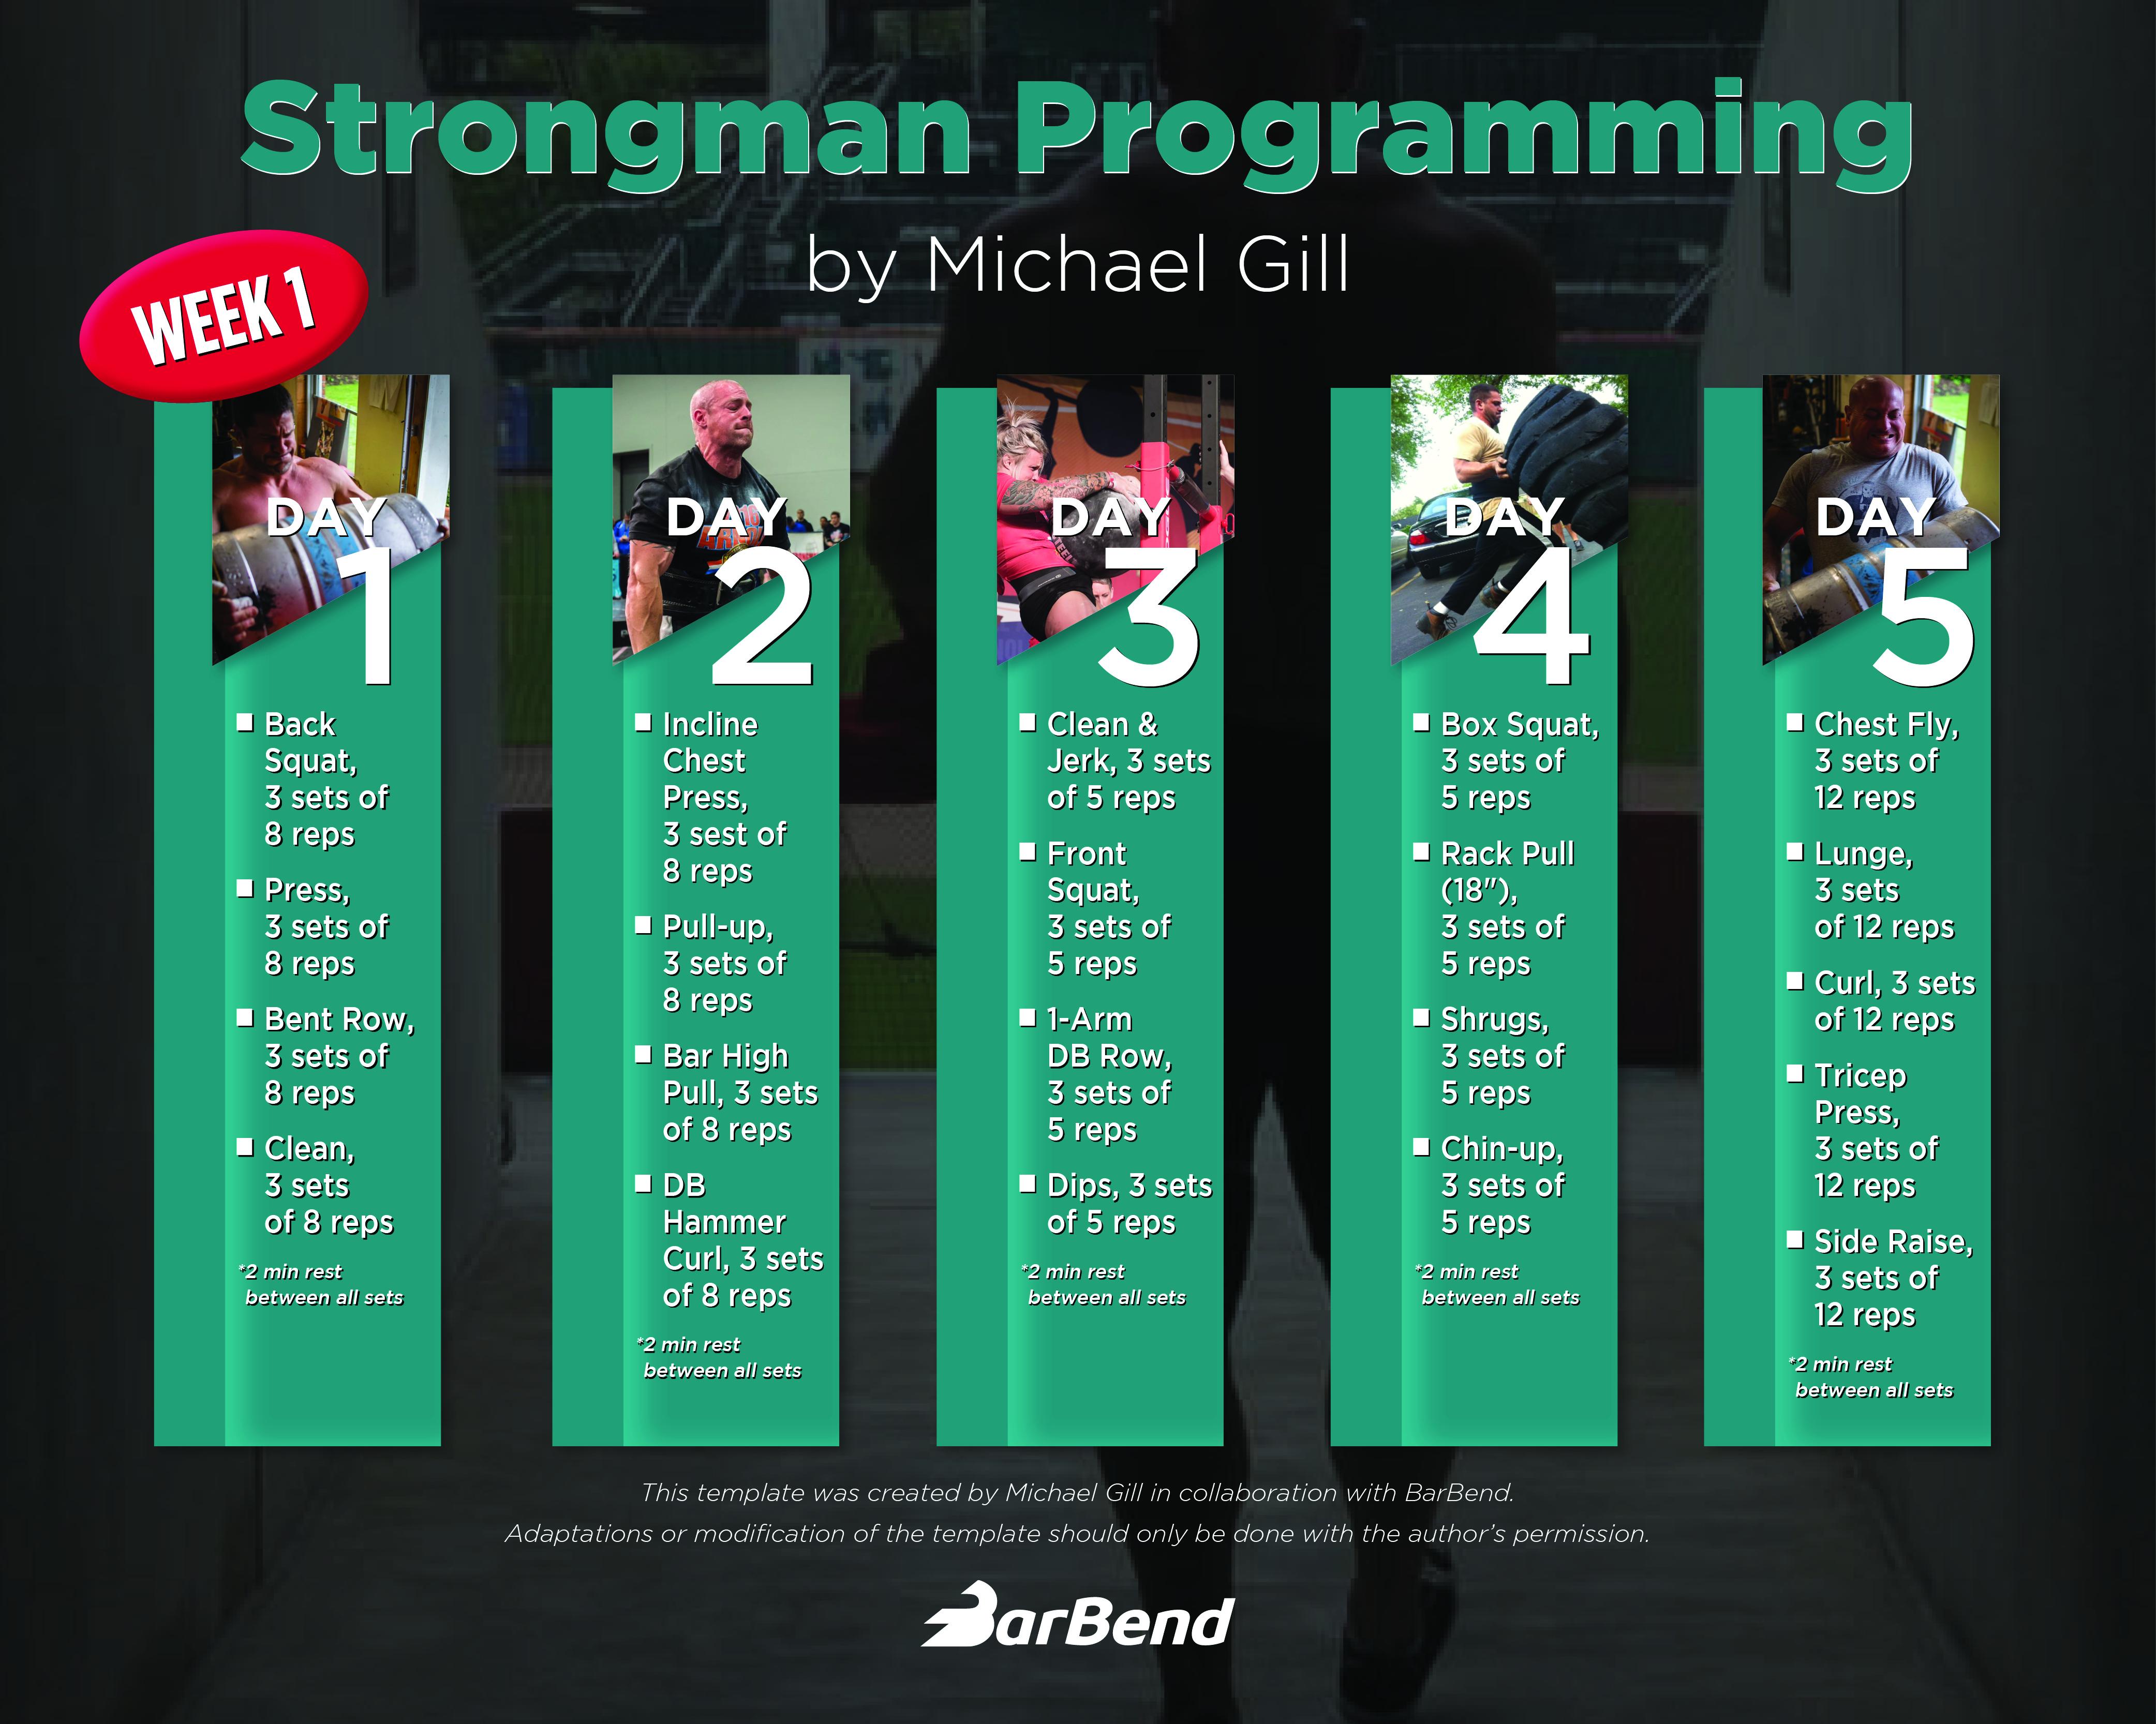 Strongman_Programming_Week1